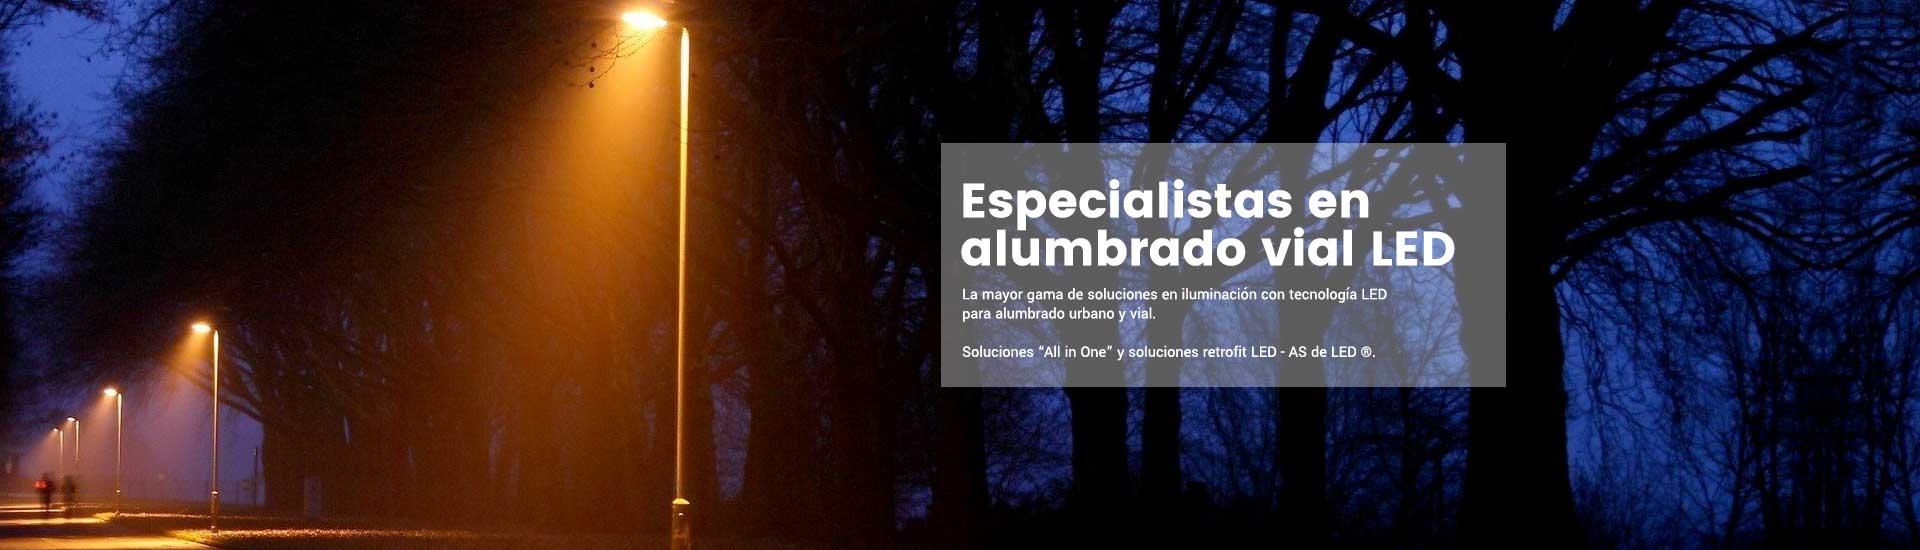 Banner ASDELED - Alumbrado LED vial y urbano LED